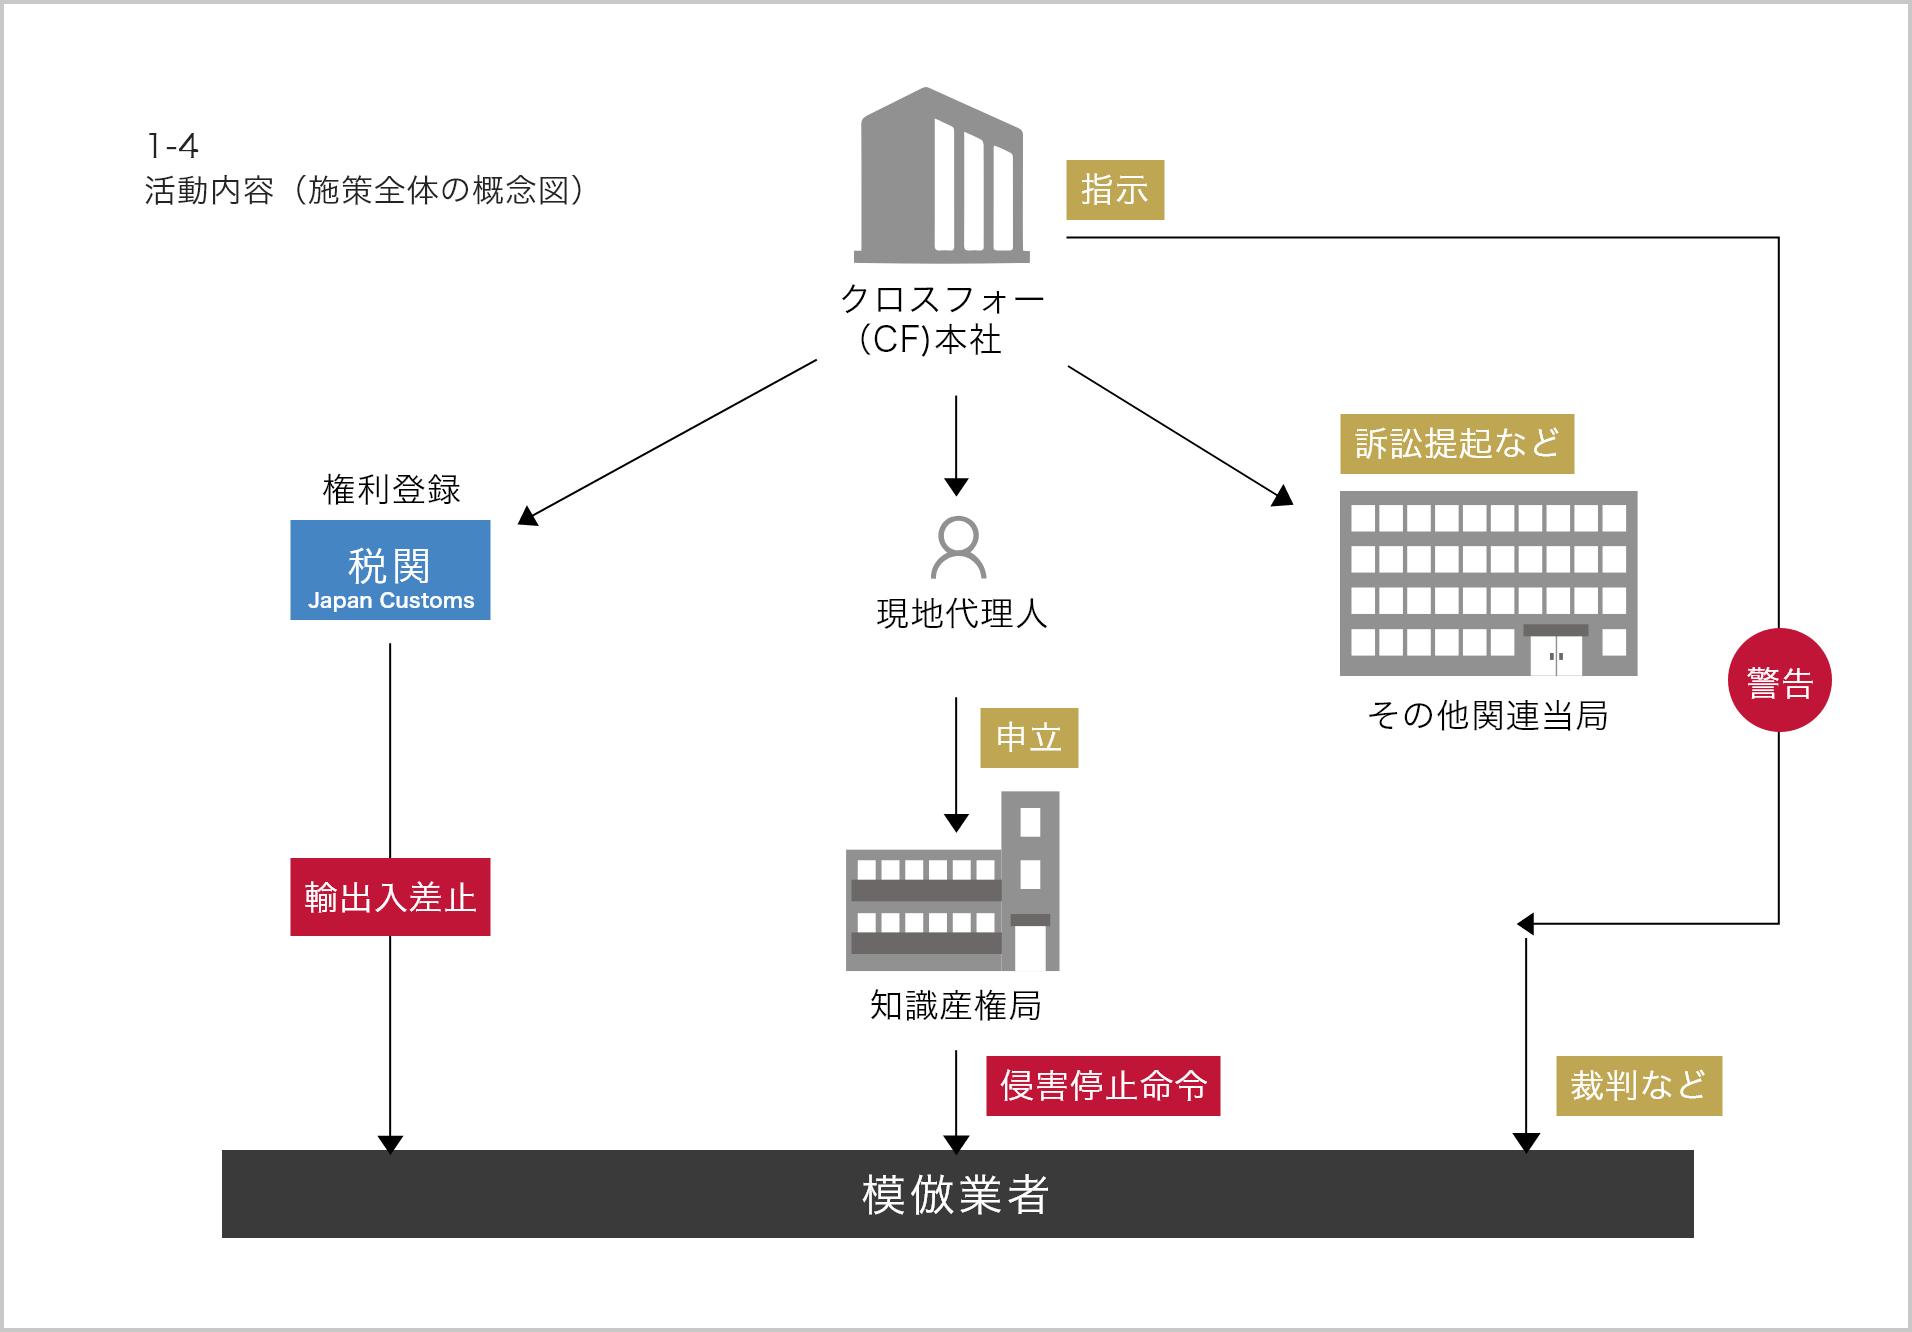 模倣対策に関する体制イメージ図